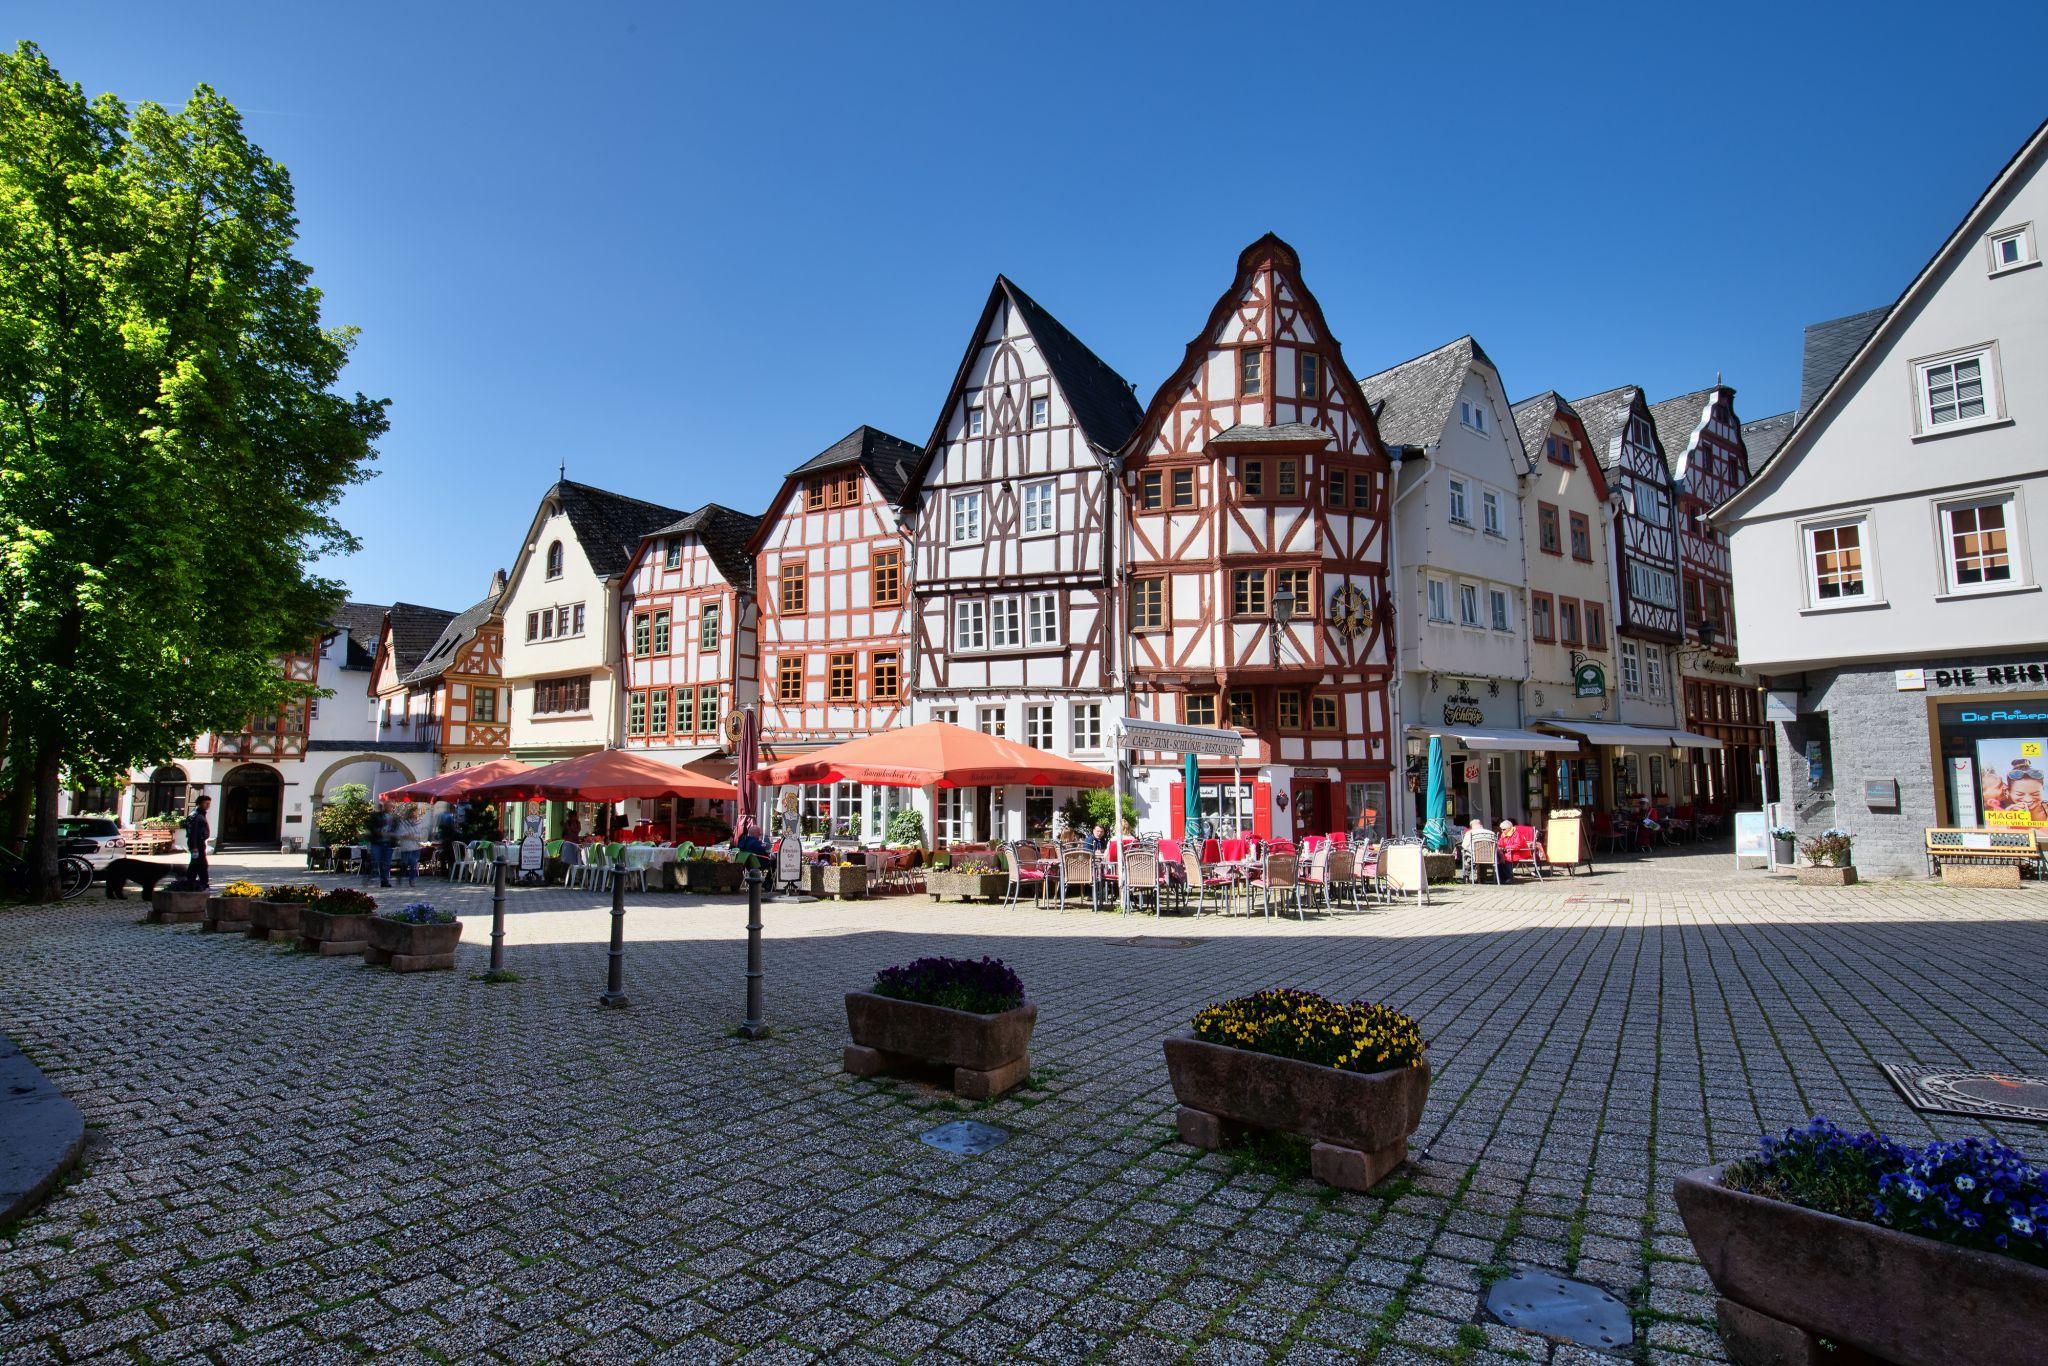 Bischofsplatz, Germany